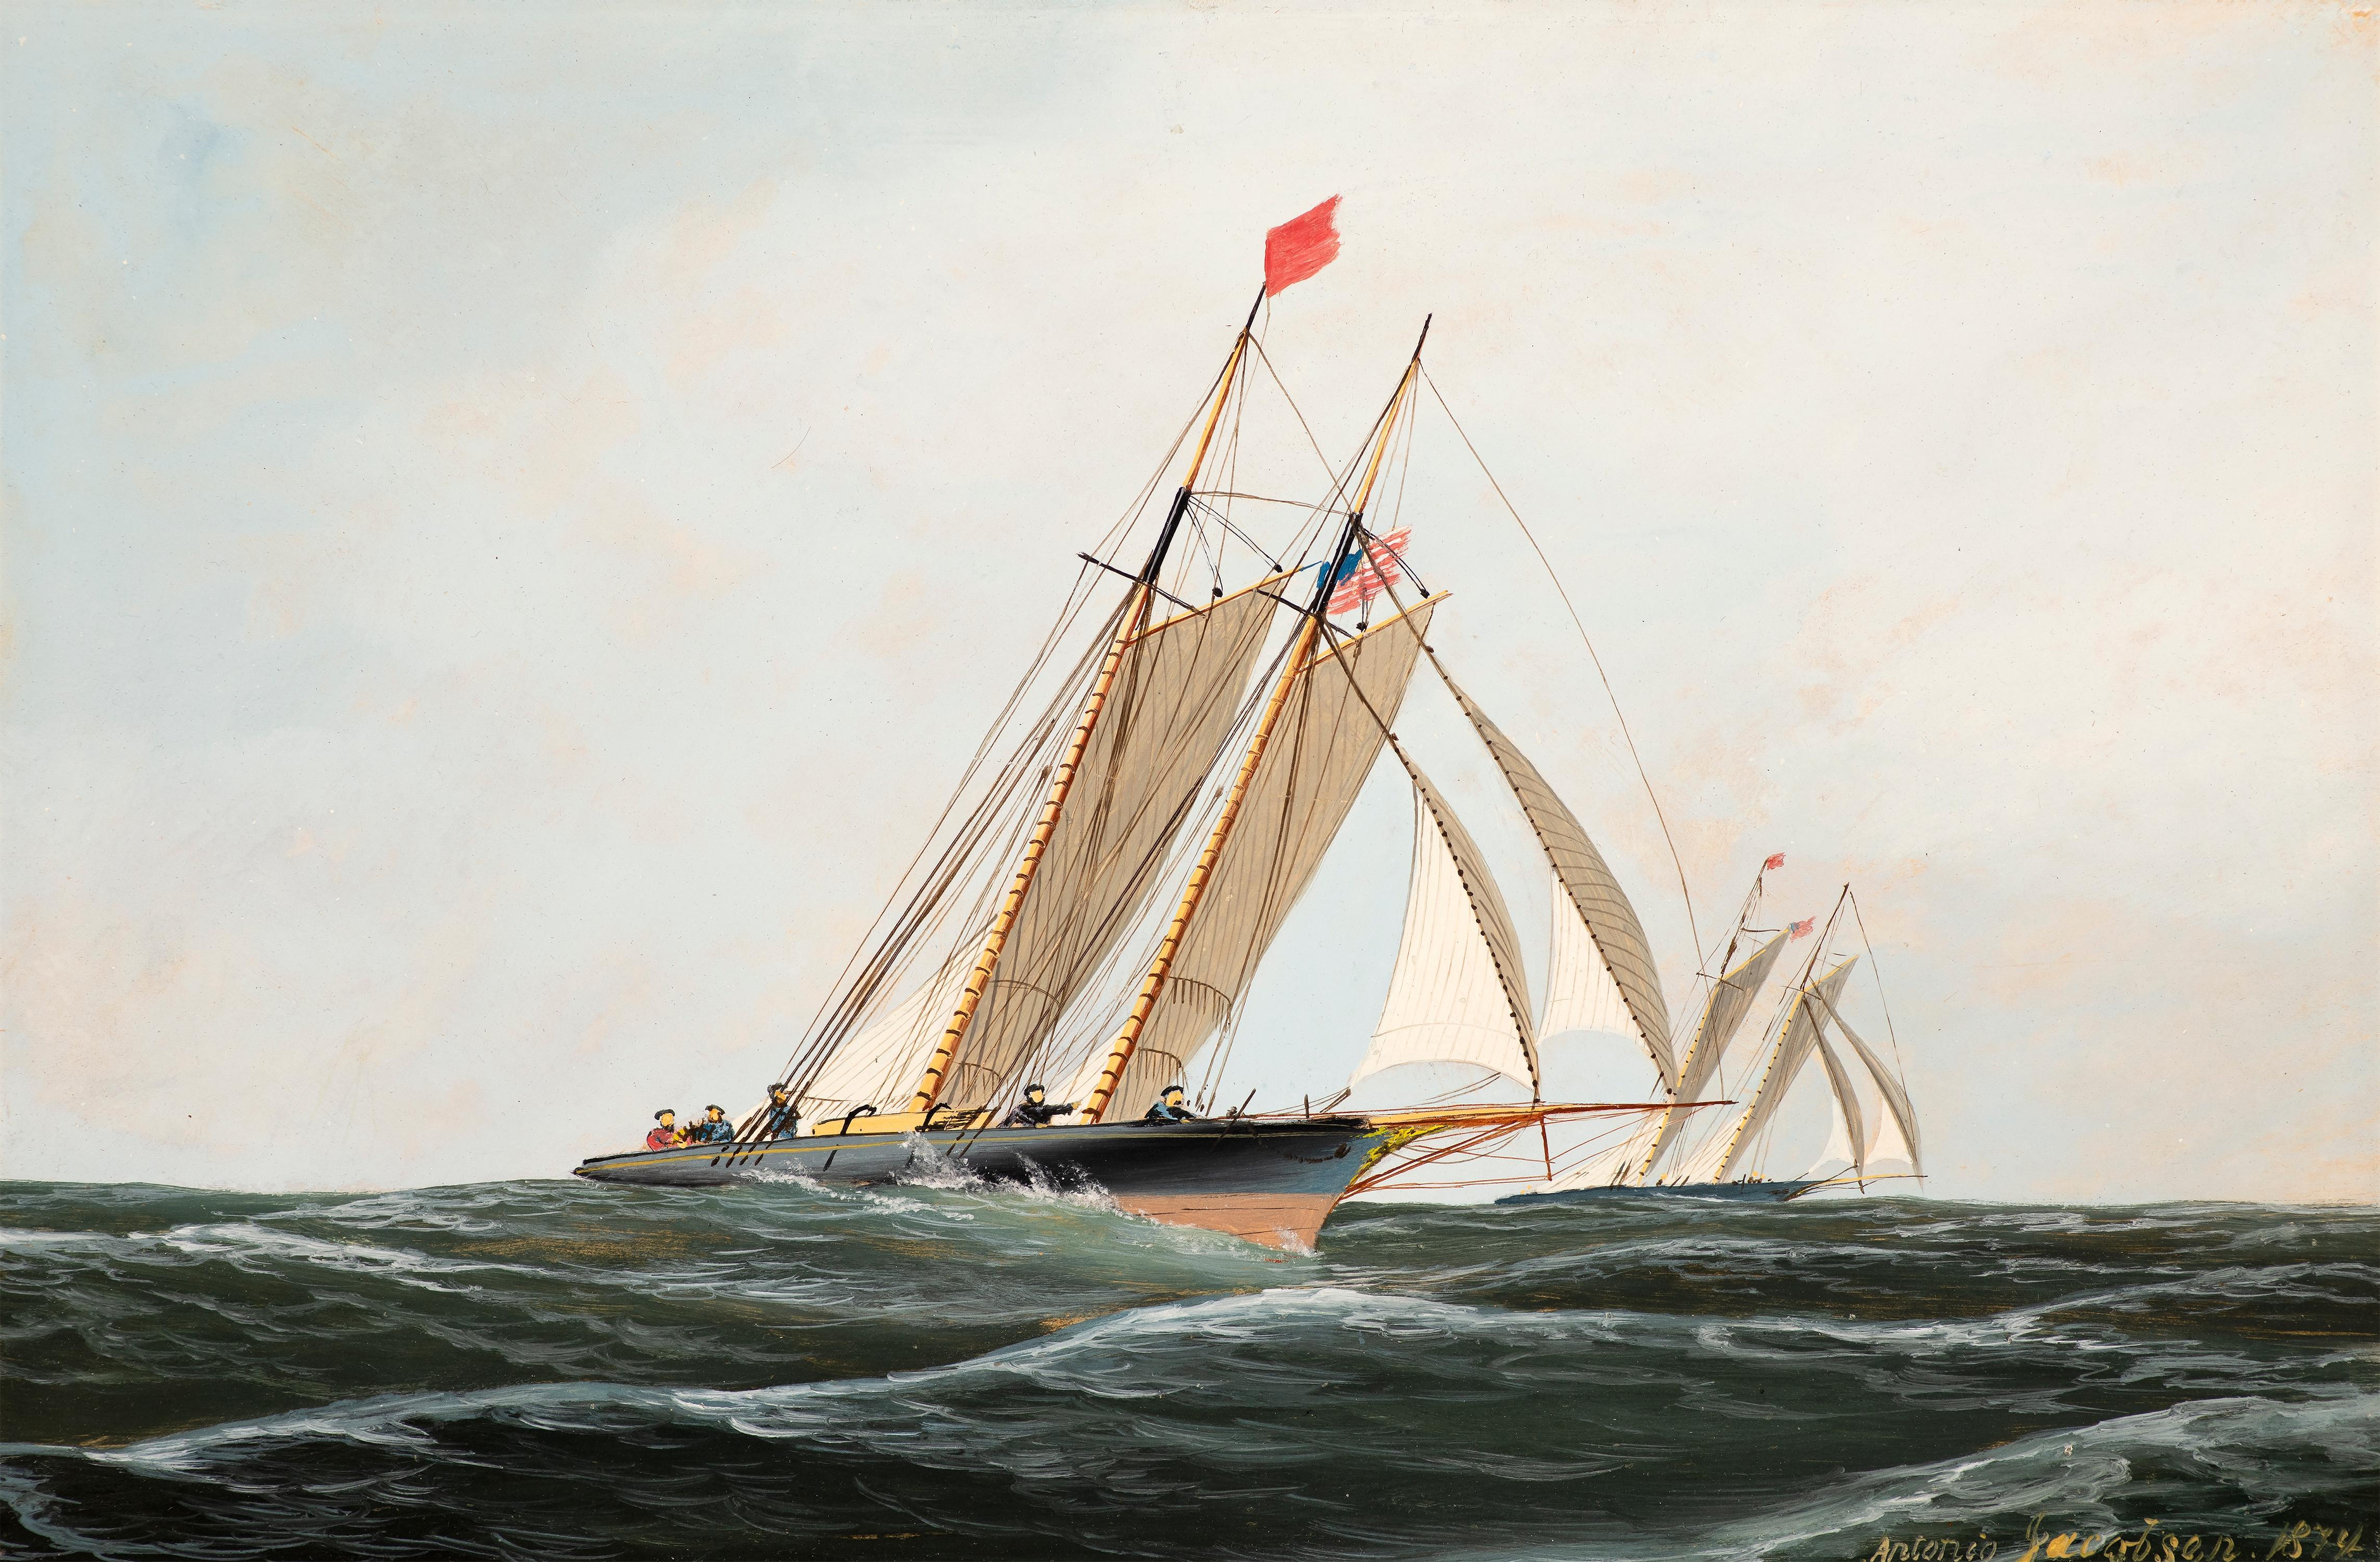 The Yacht Race